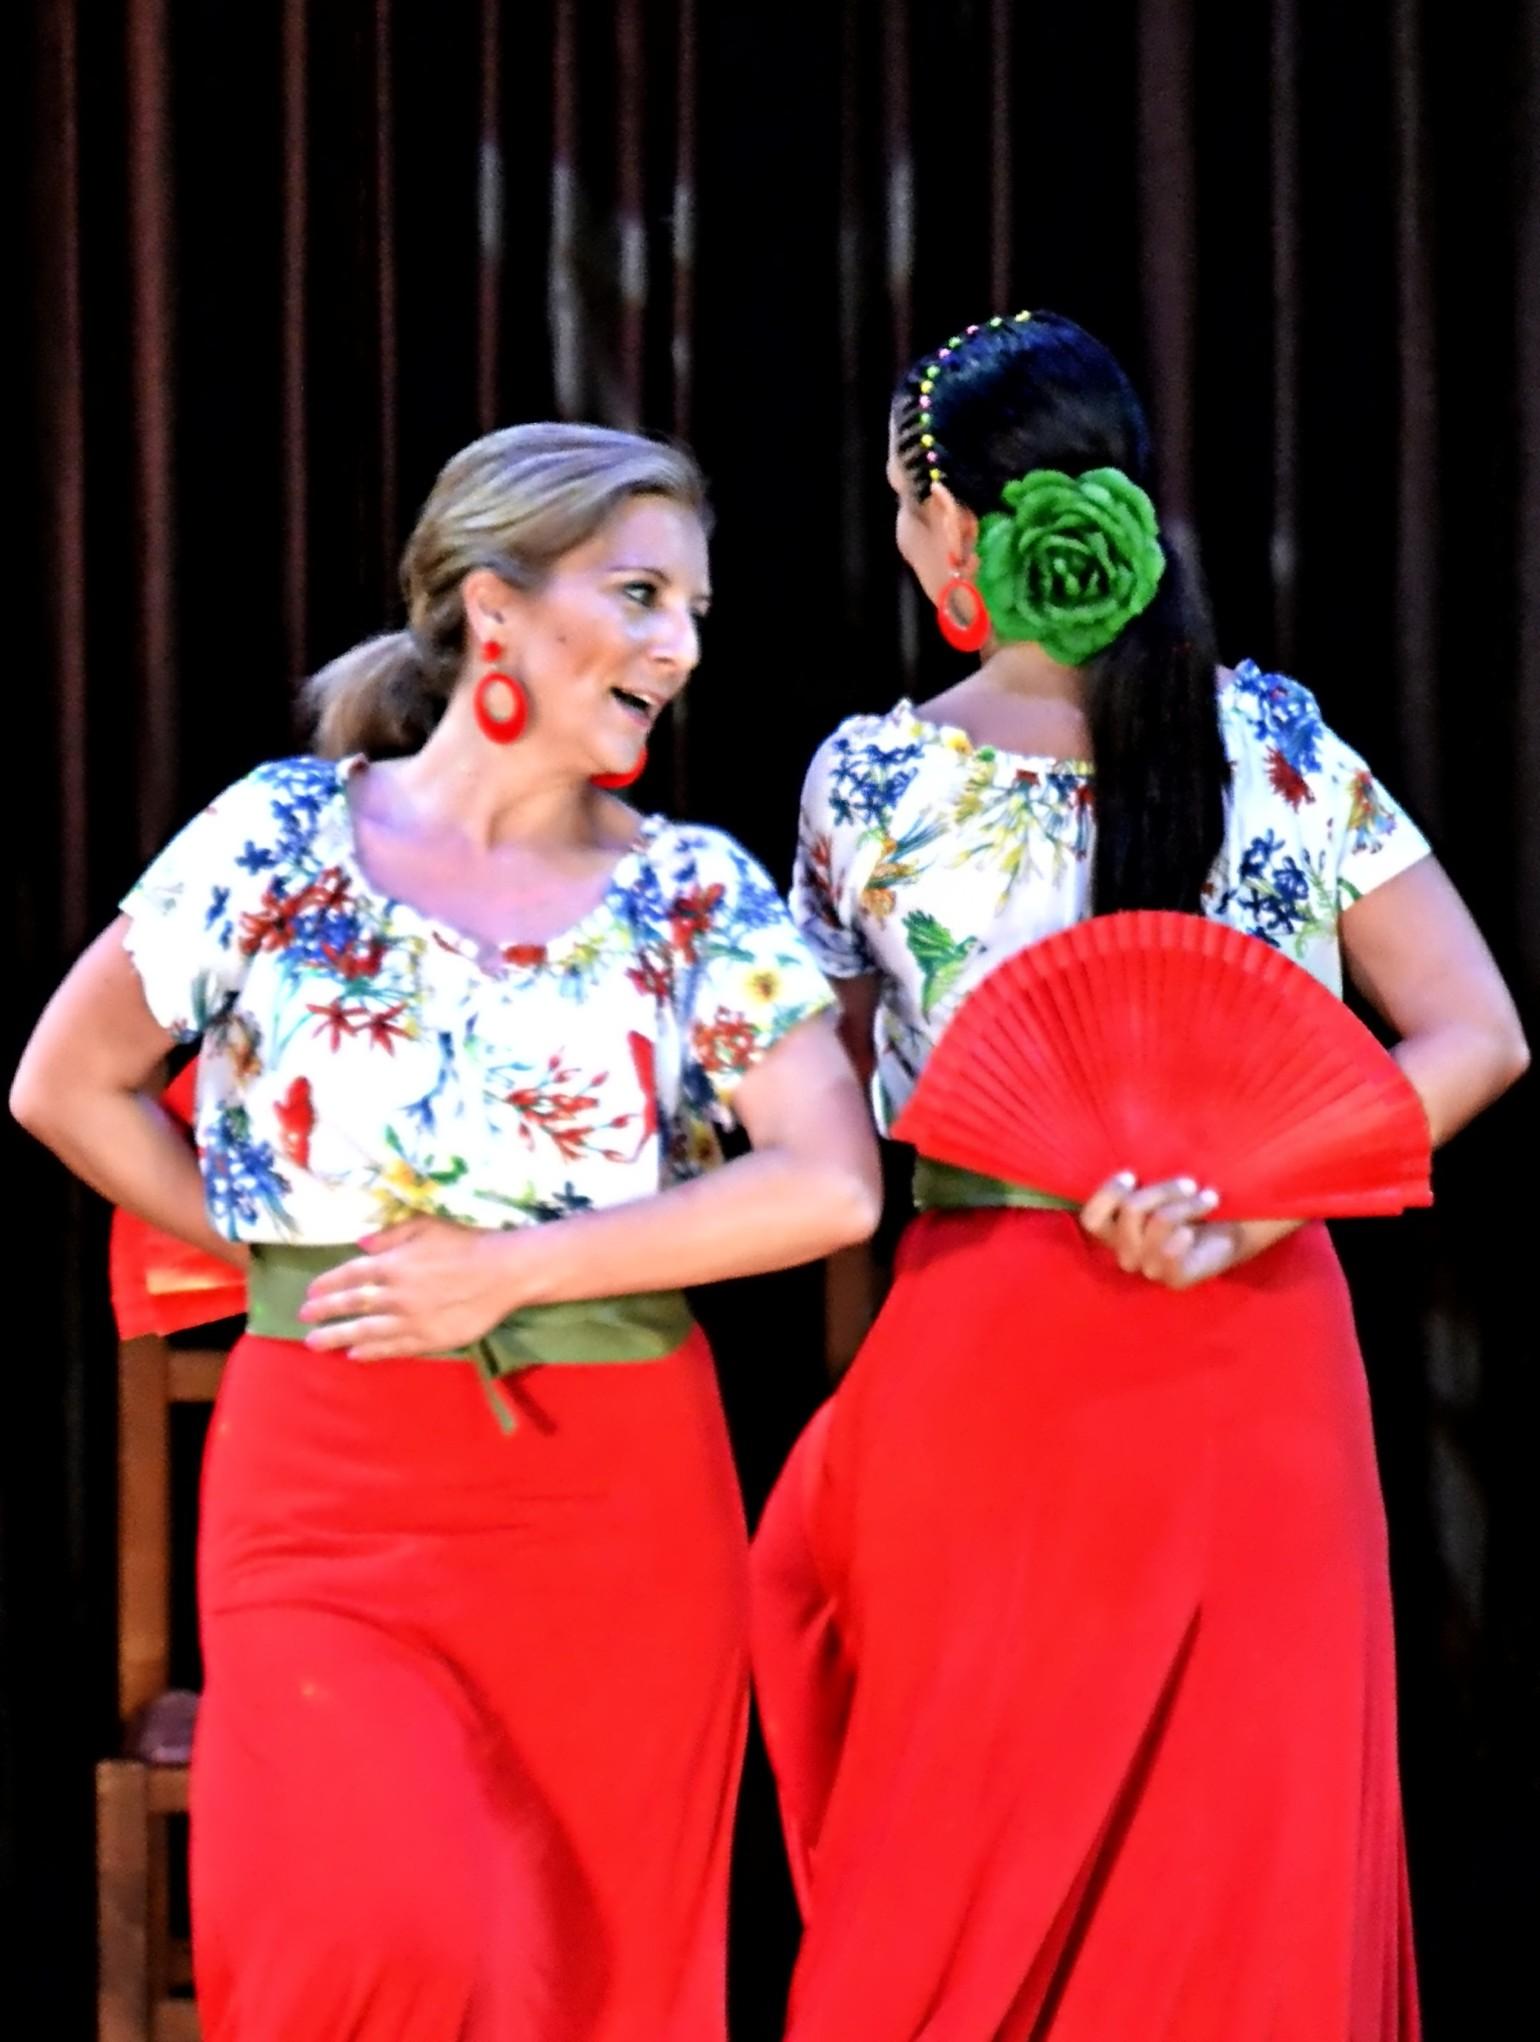 Linea-de-Baile-festival-verano-2015-clases-de-baile-valencia-124